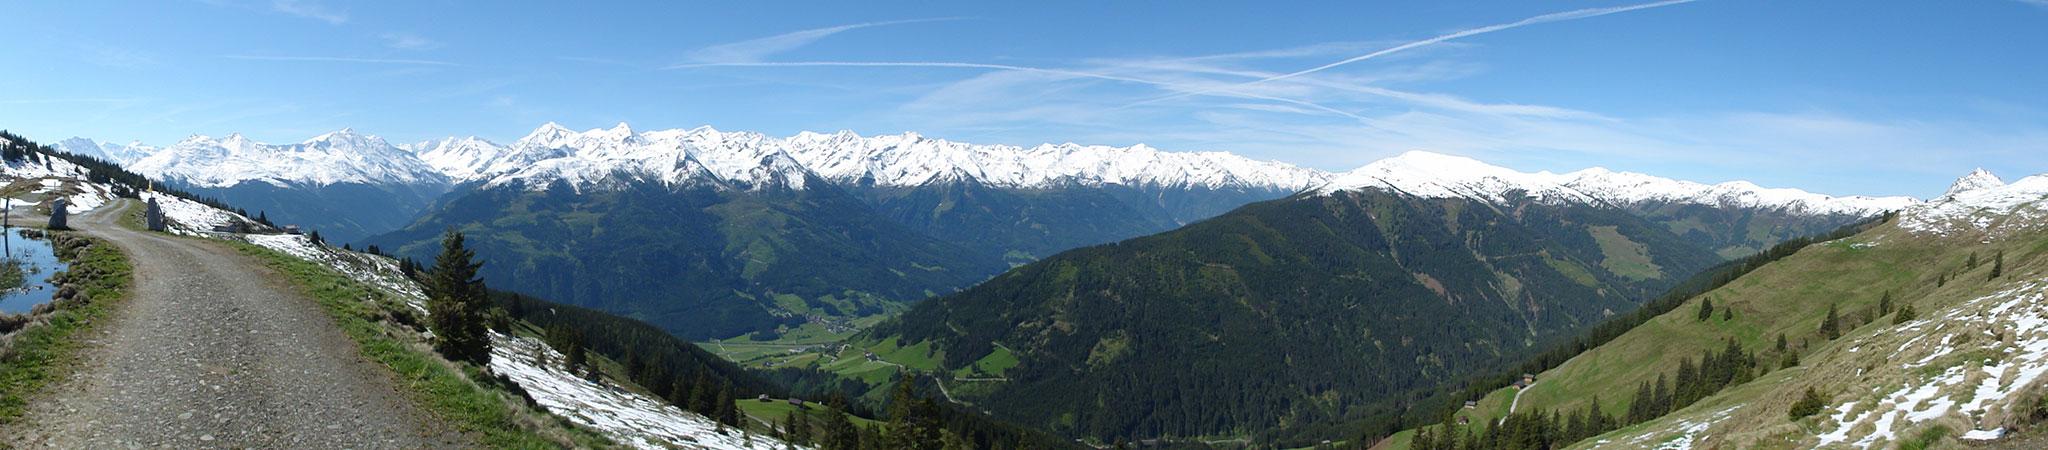 Arnoweg: Zunächst war der Panoramaweg noch schneefrei.